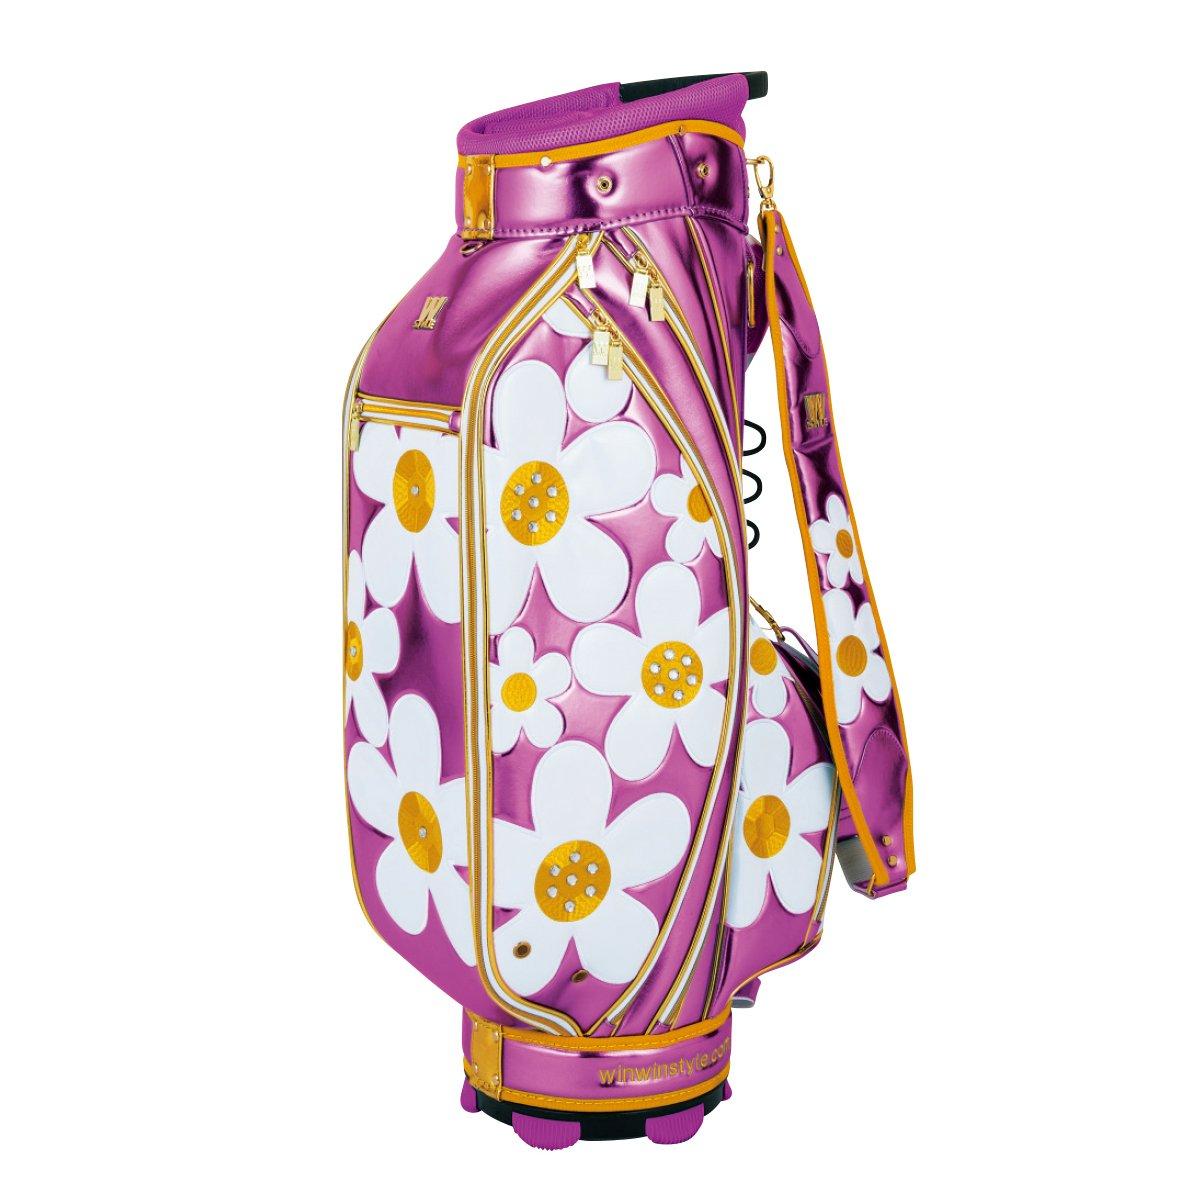 WINWIN STYLE(ウィンウィンスタイル) キャディーバッグ W STYLE DAISY CART Bag Gold Ver. 9.0型 47インチ対応 レディース CB-490 ピンク デザイン:エナメルアップリケ刺繍×ラインストーン B07B4K56KQ